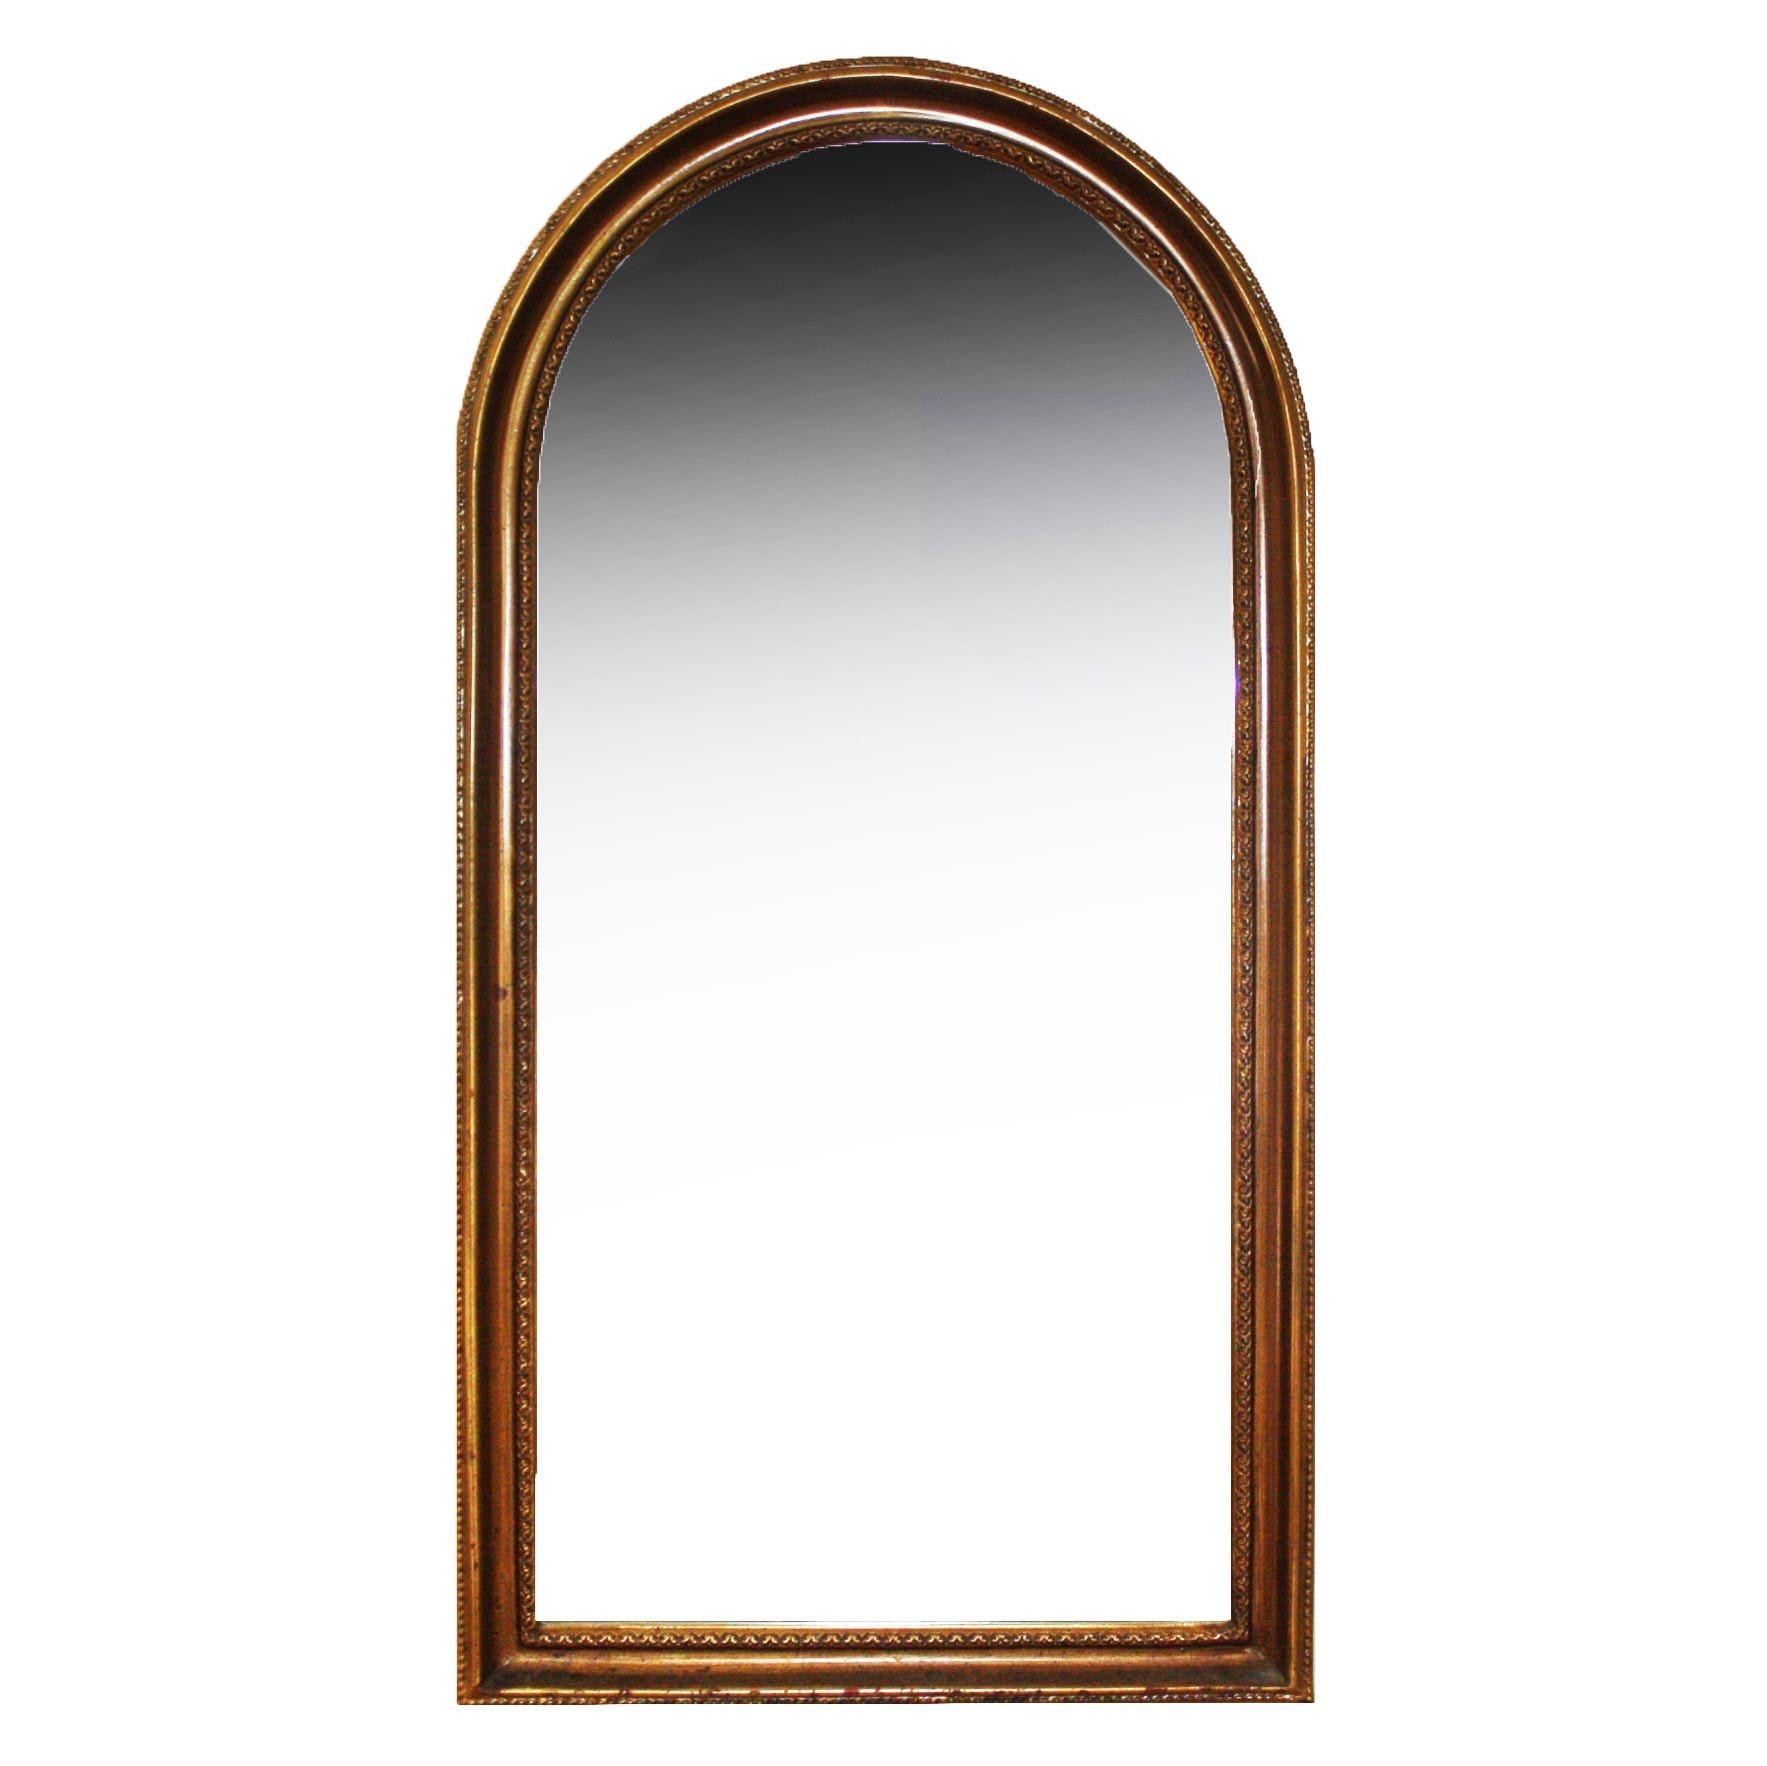 Arched Beveled Wall Mirror by Carolina Mirror Company